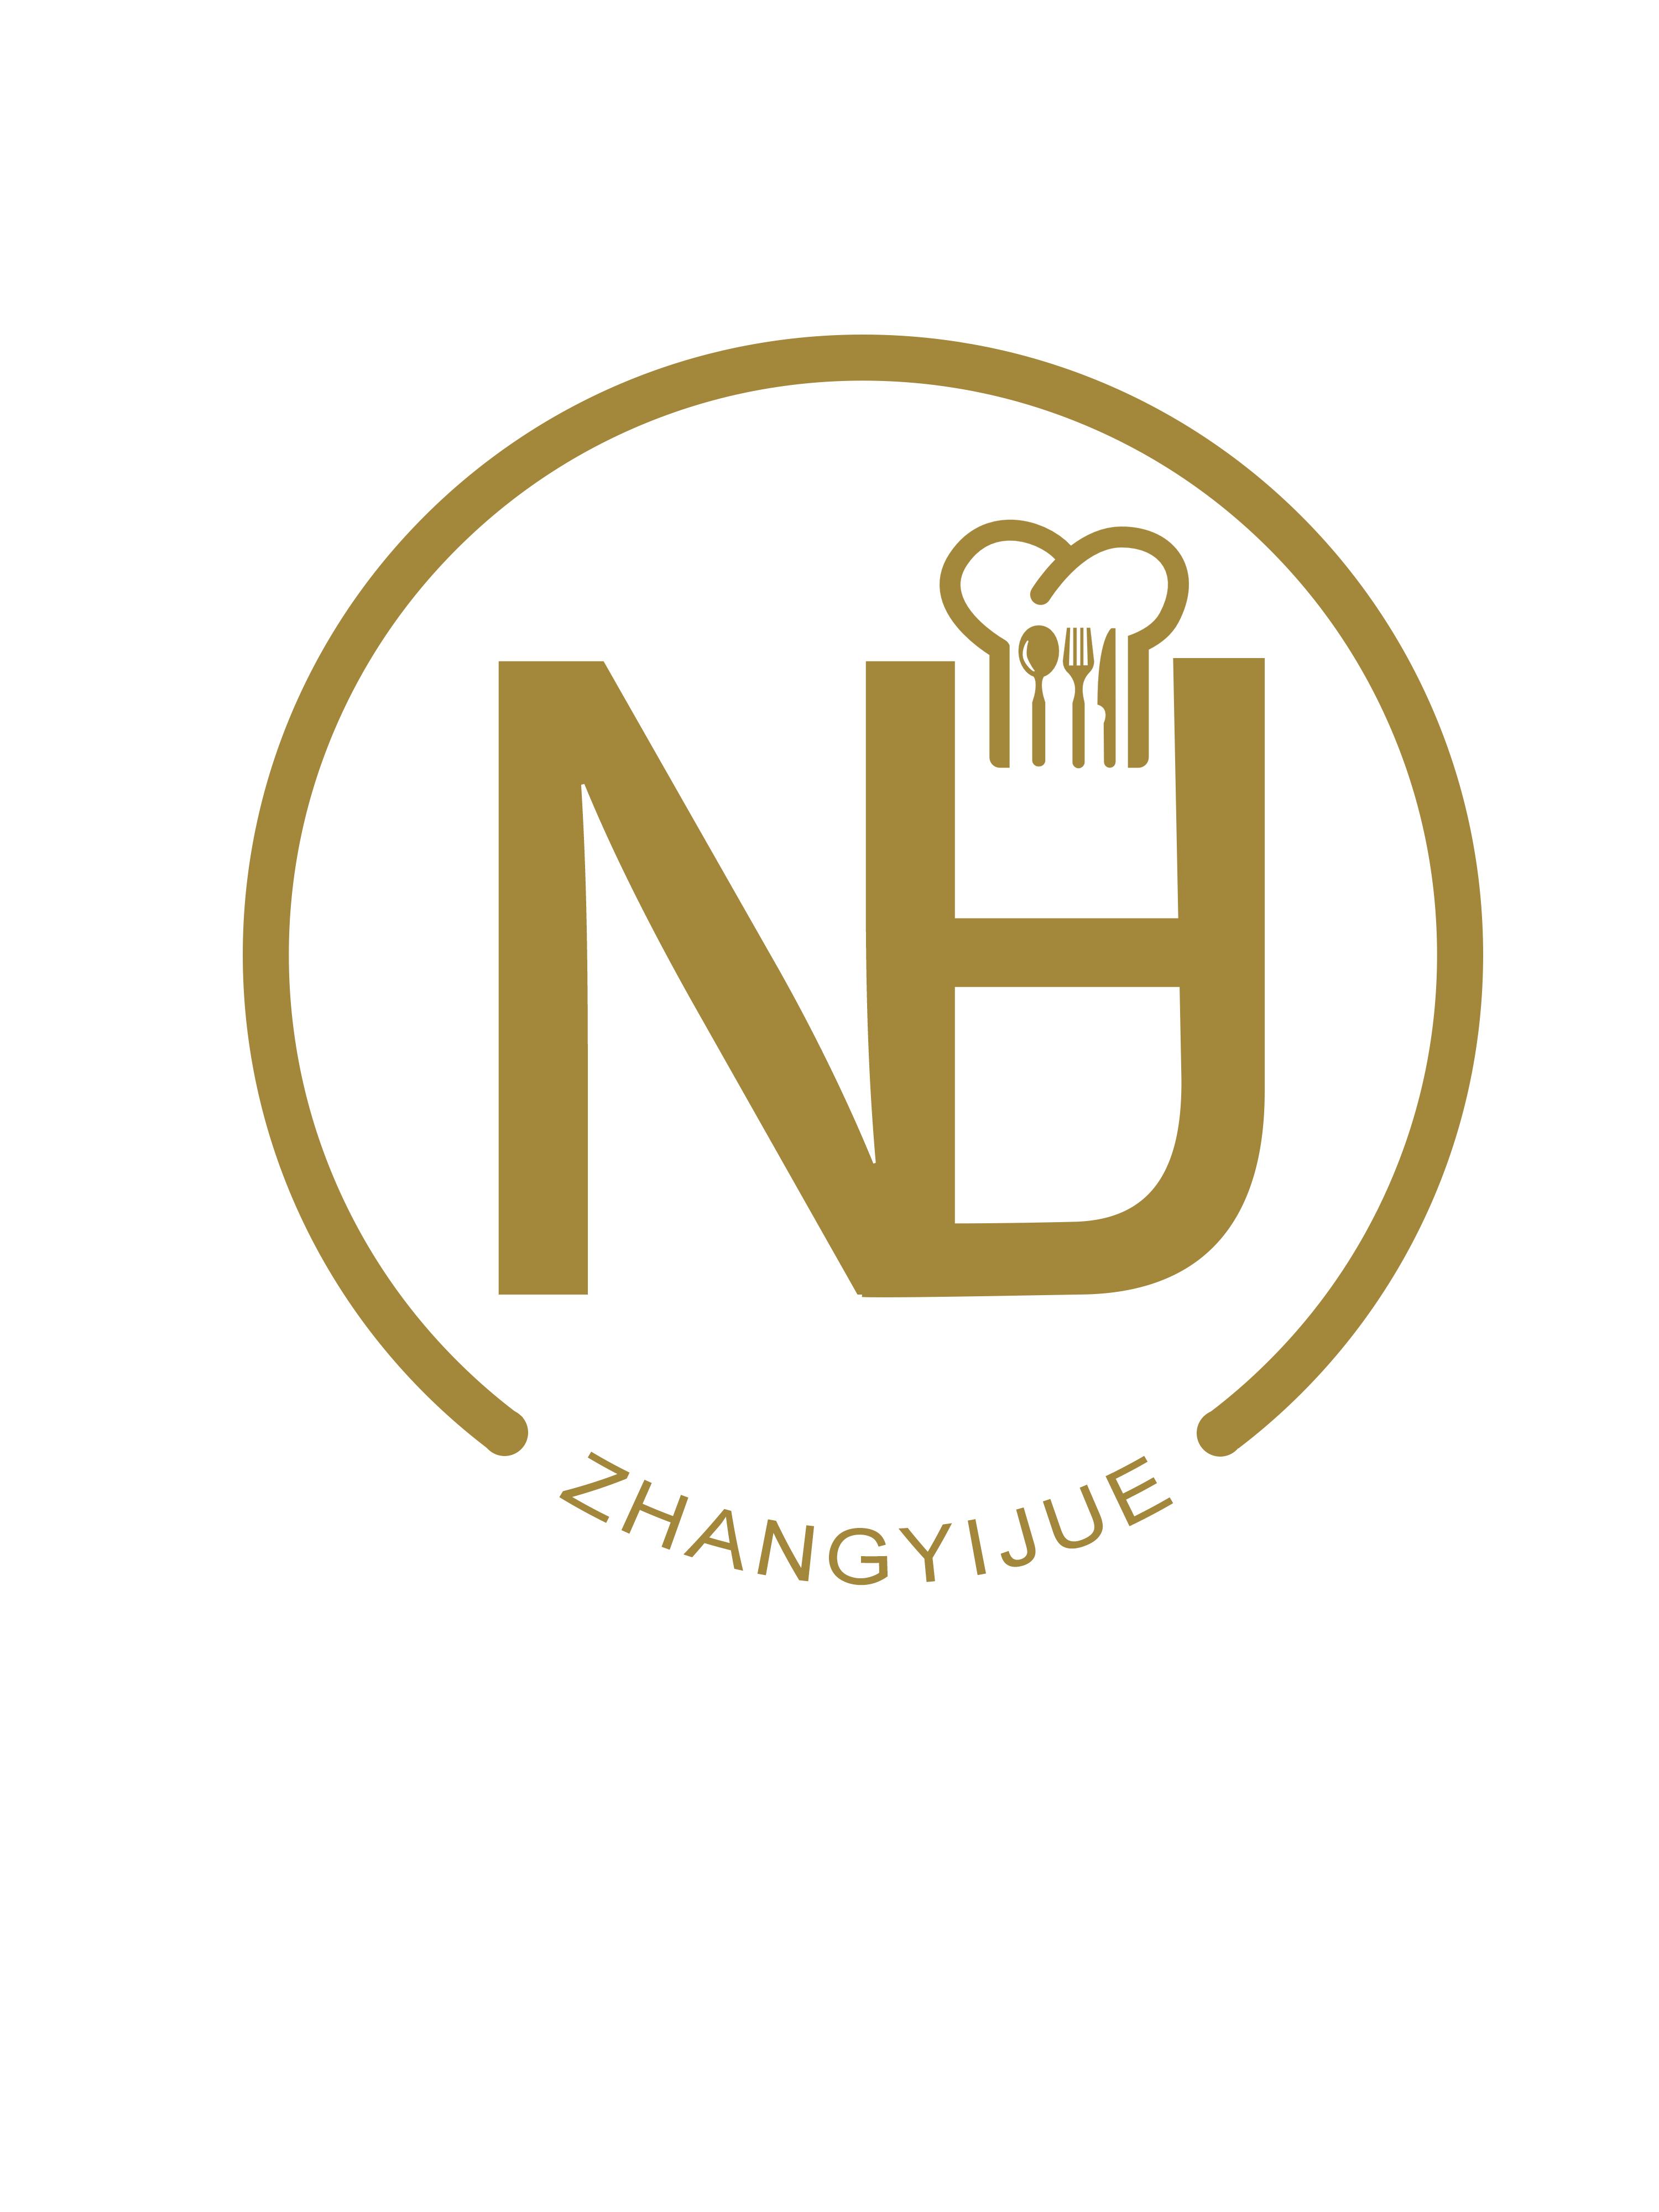 郑州张一绝餐饮企业管理咨询有限公司